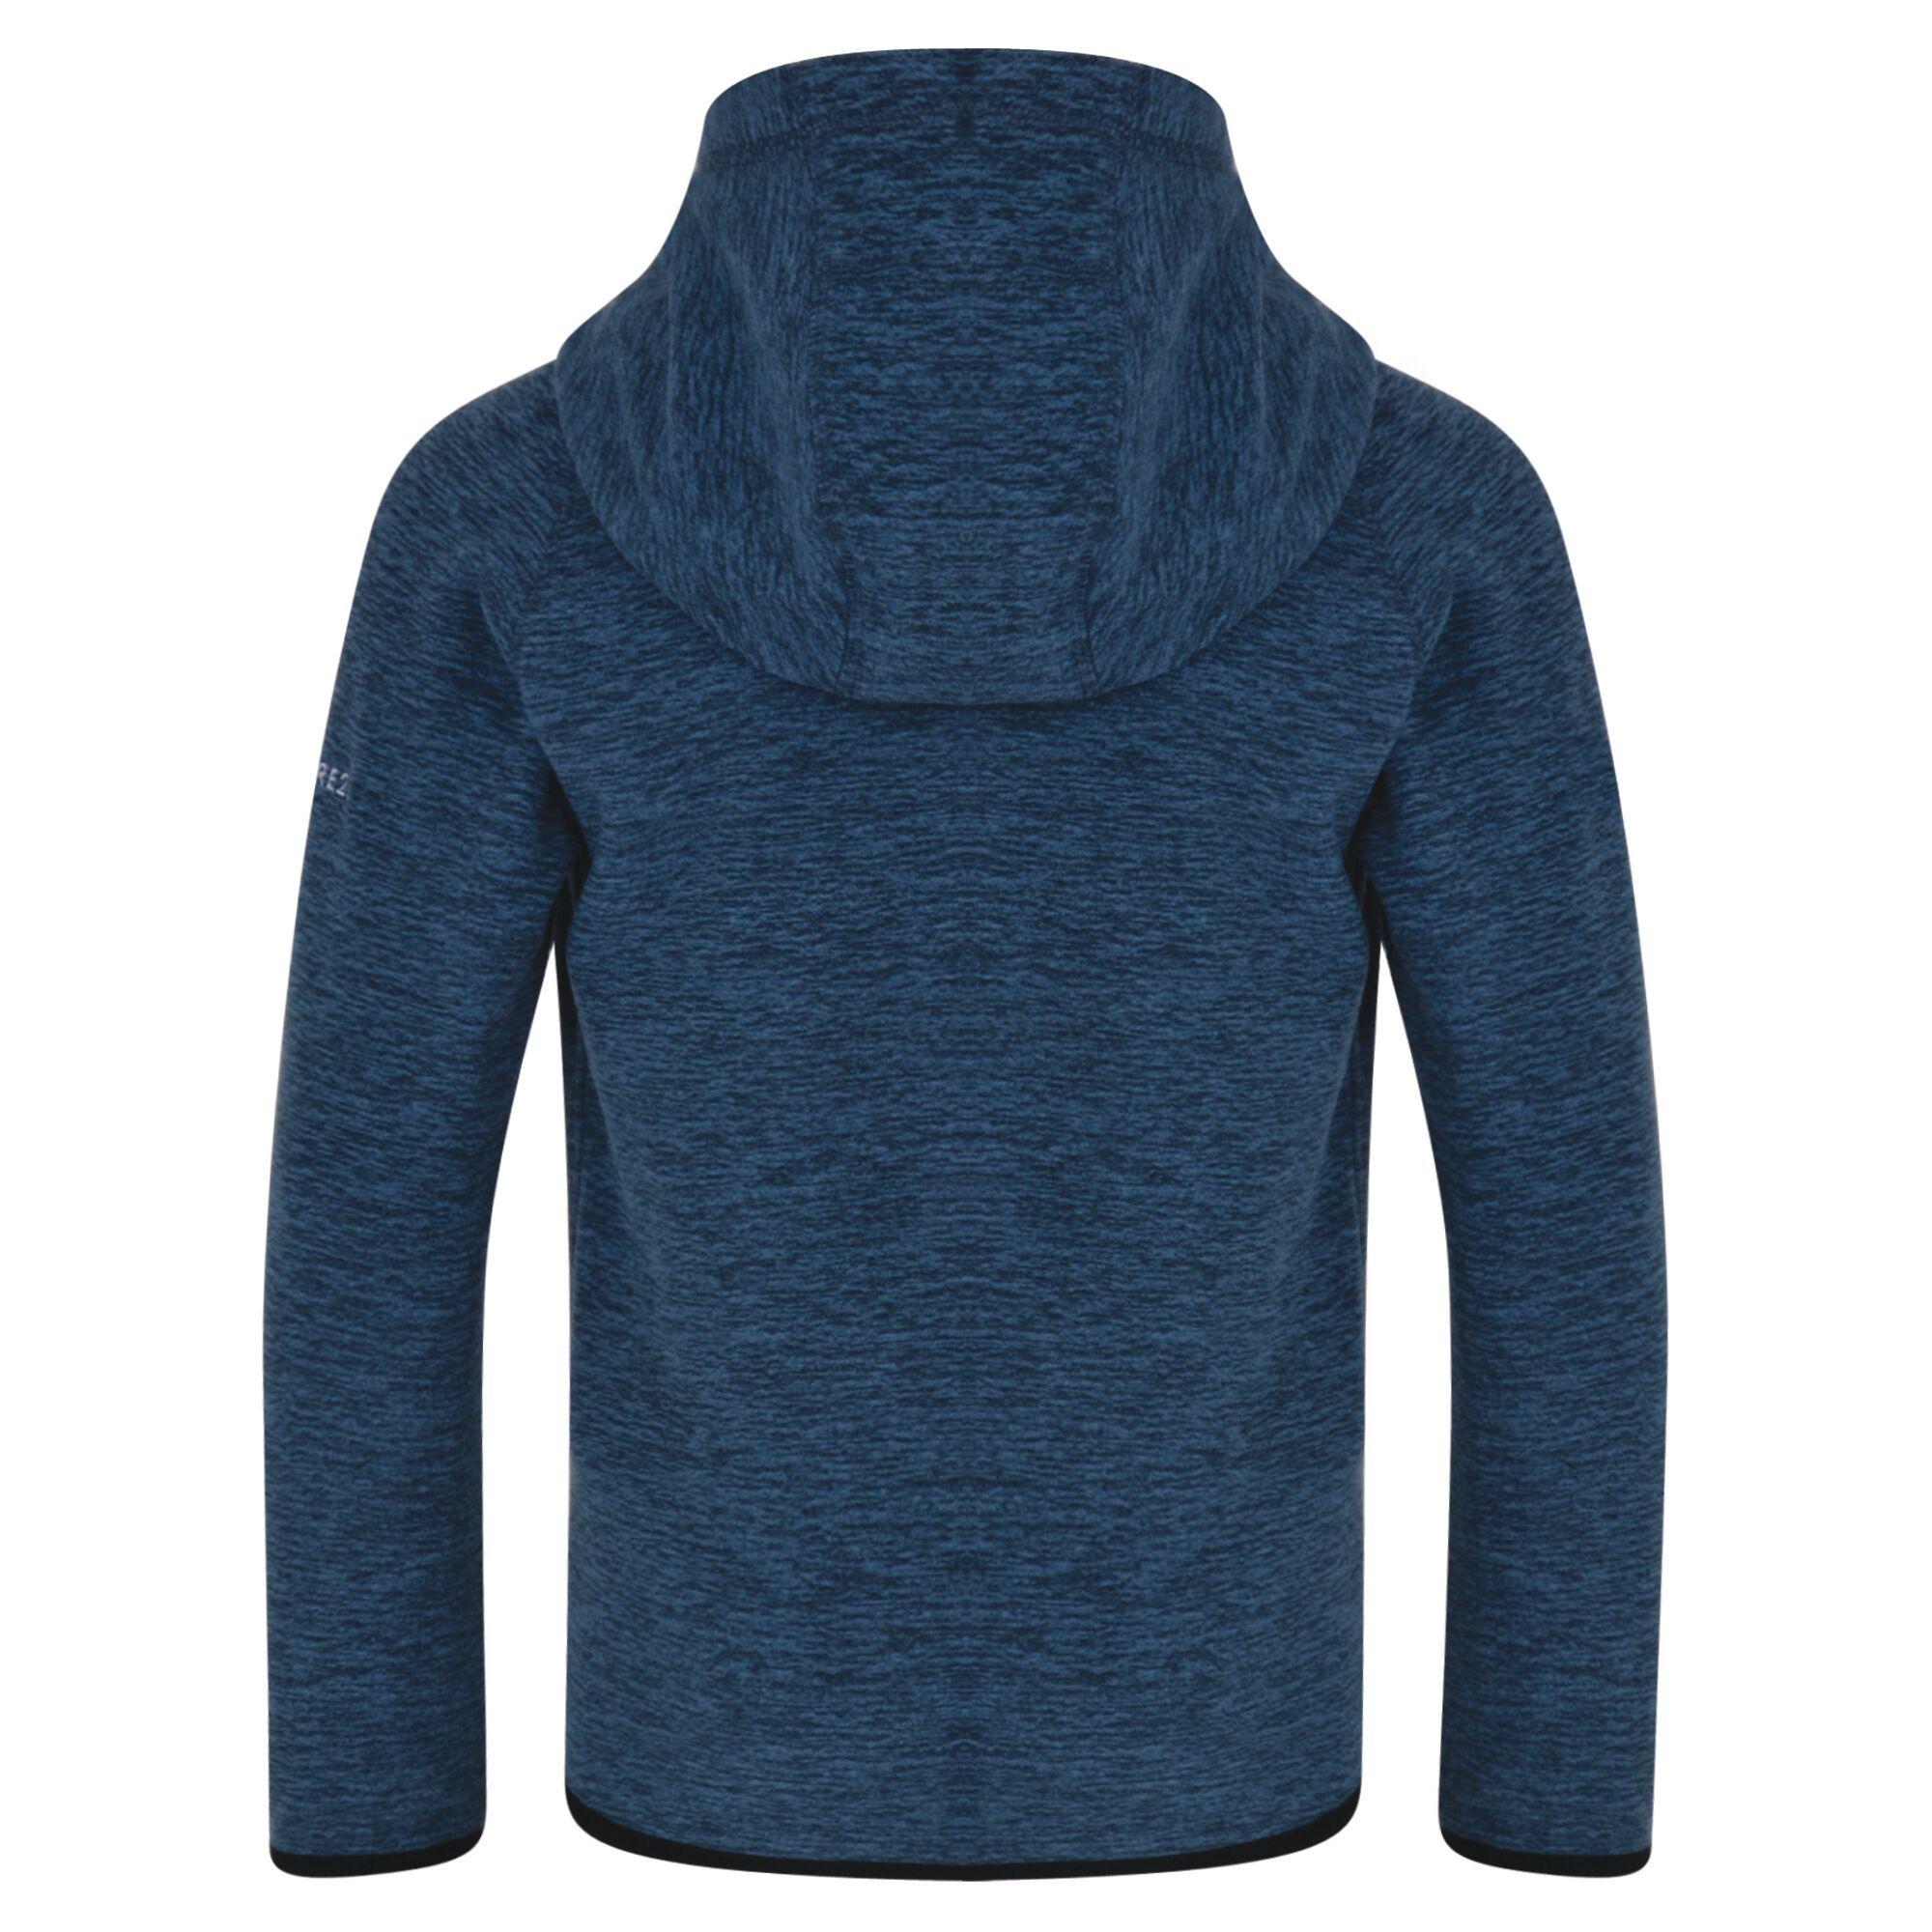 Dare 2B Childrens/Kids Enlist Full Zip Lightweight Hooded Fleece